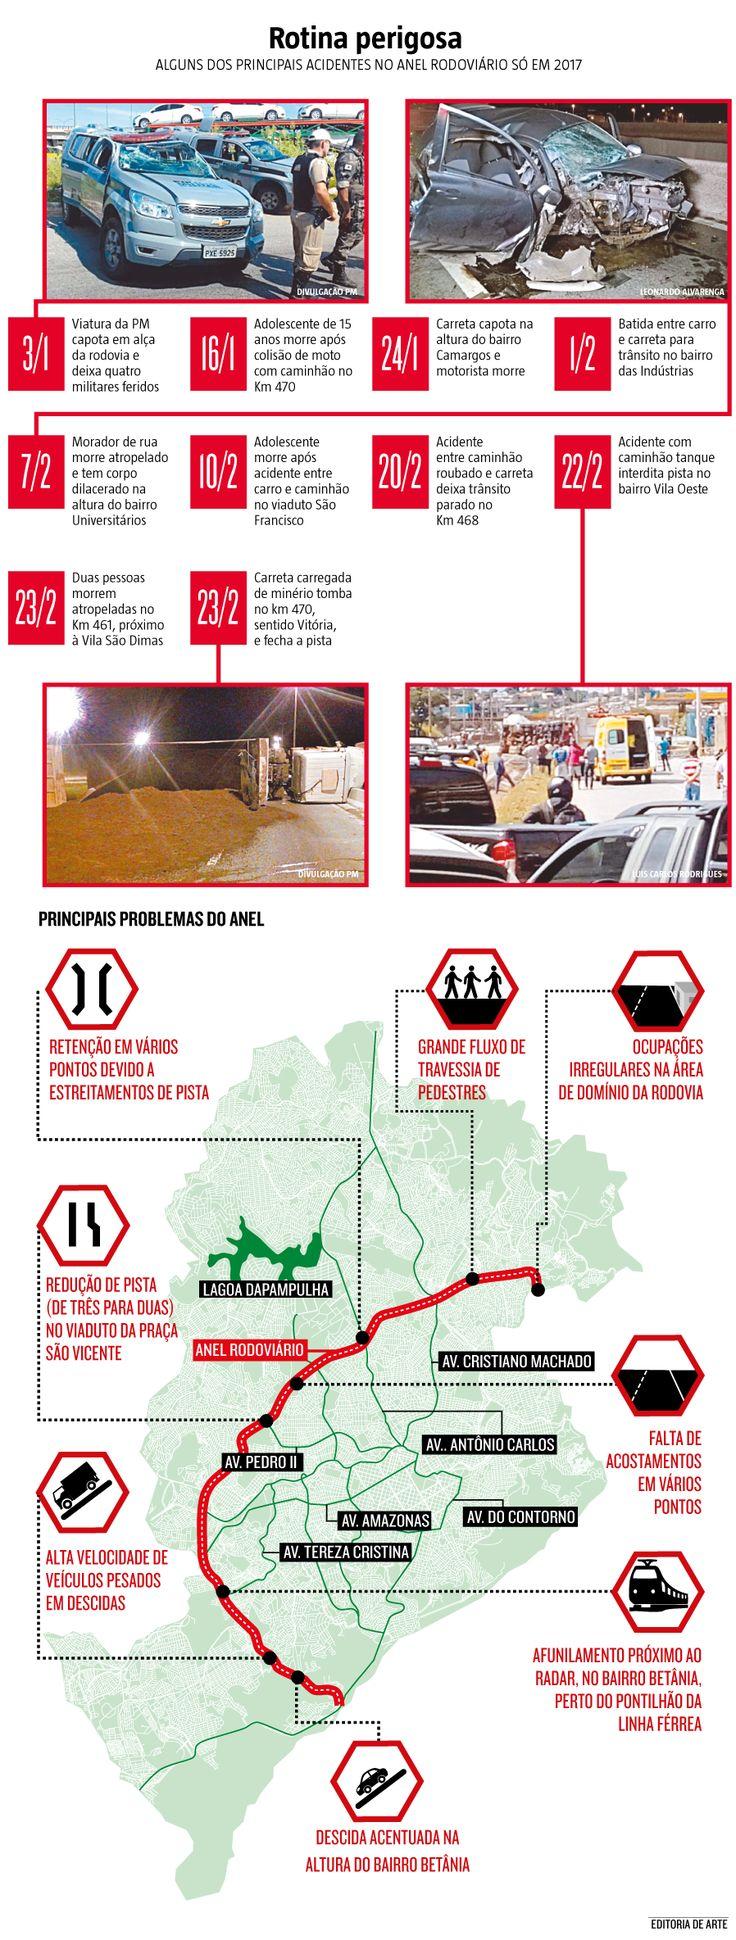 Desrespeito à sinalização de trânsito, crescimento excessivo da frota de veículos, falta de verbas para obras complementares e desentendimento entre os órgãos responsáveis pela elaboração do projeto de melhoria da rodovia. Os entraves para a revitalização do Anel Rodoviário de #BeloHorizonte não são poucos e, ontem, motivaram mais um grave acidente. (06/04/2017) #Anel #AnelRodoviário #Rodoviário #Rododiva #BH #Belo #Horizonte #Acidente #Acidentes #Infográfico #Infografia #HojeEmDia